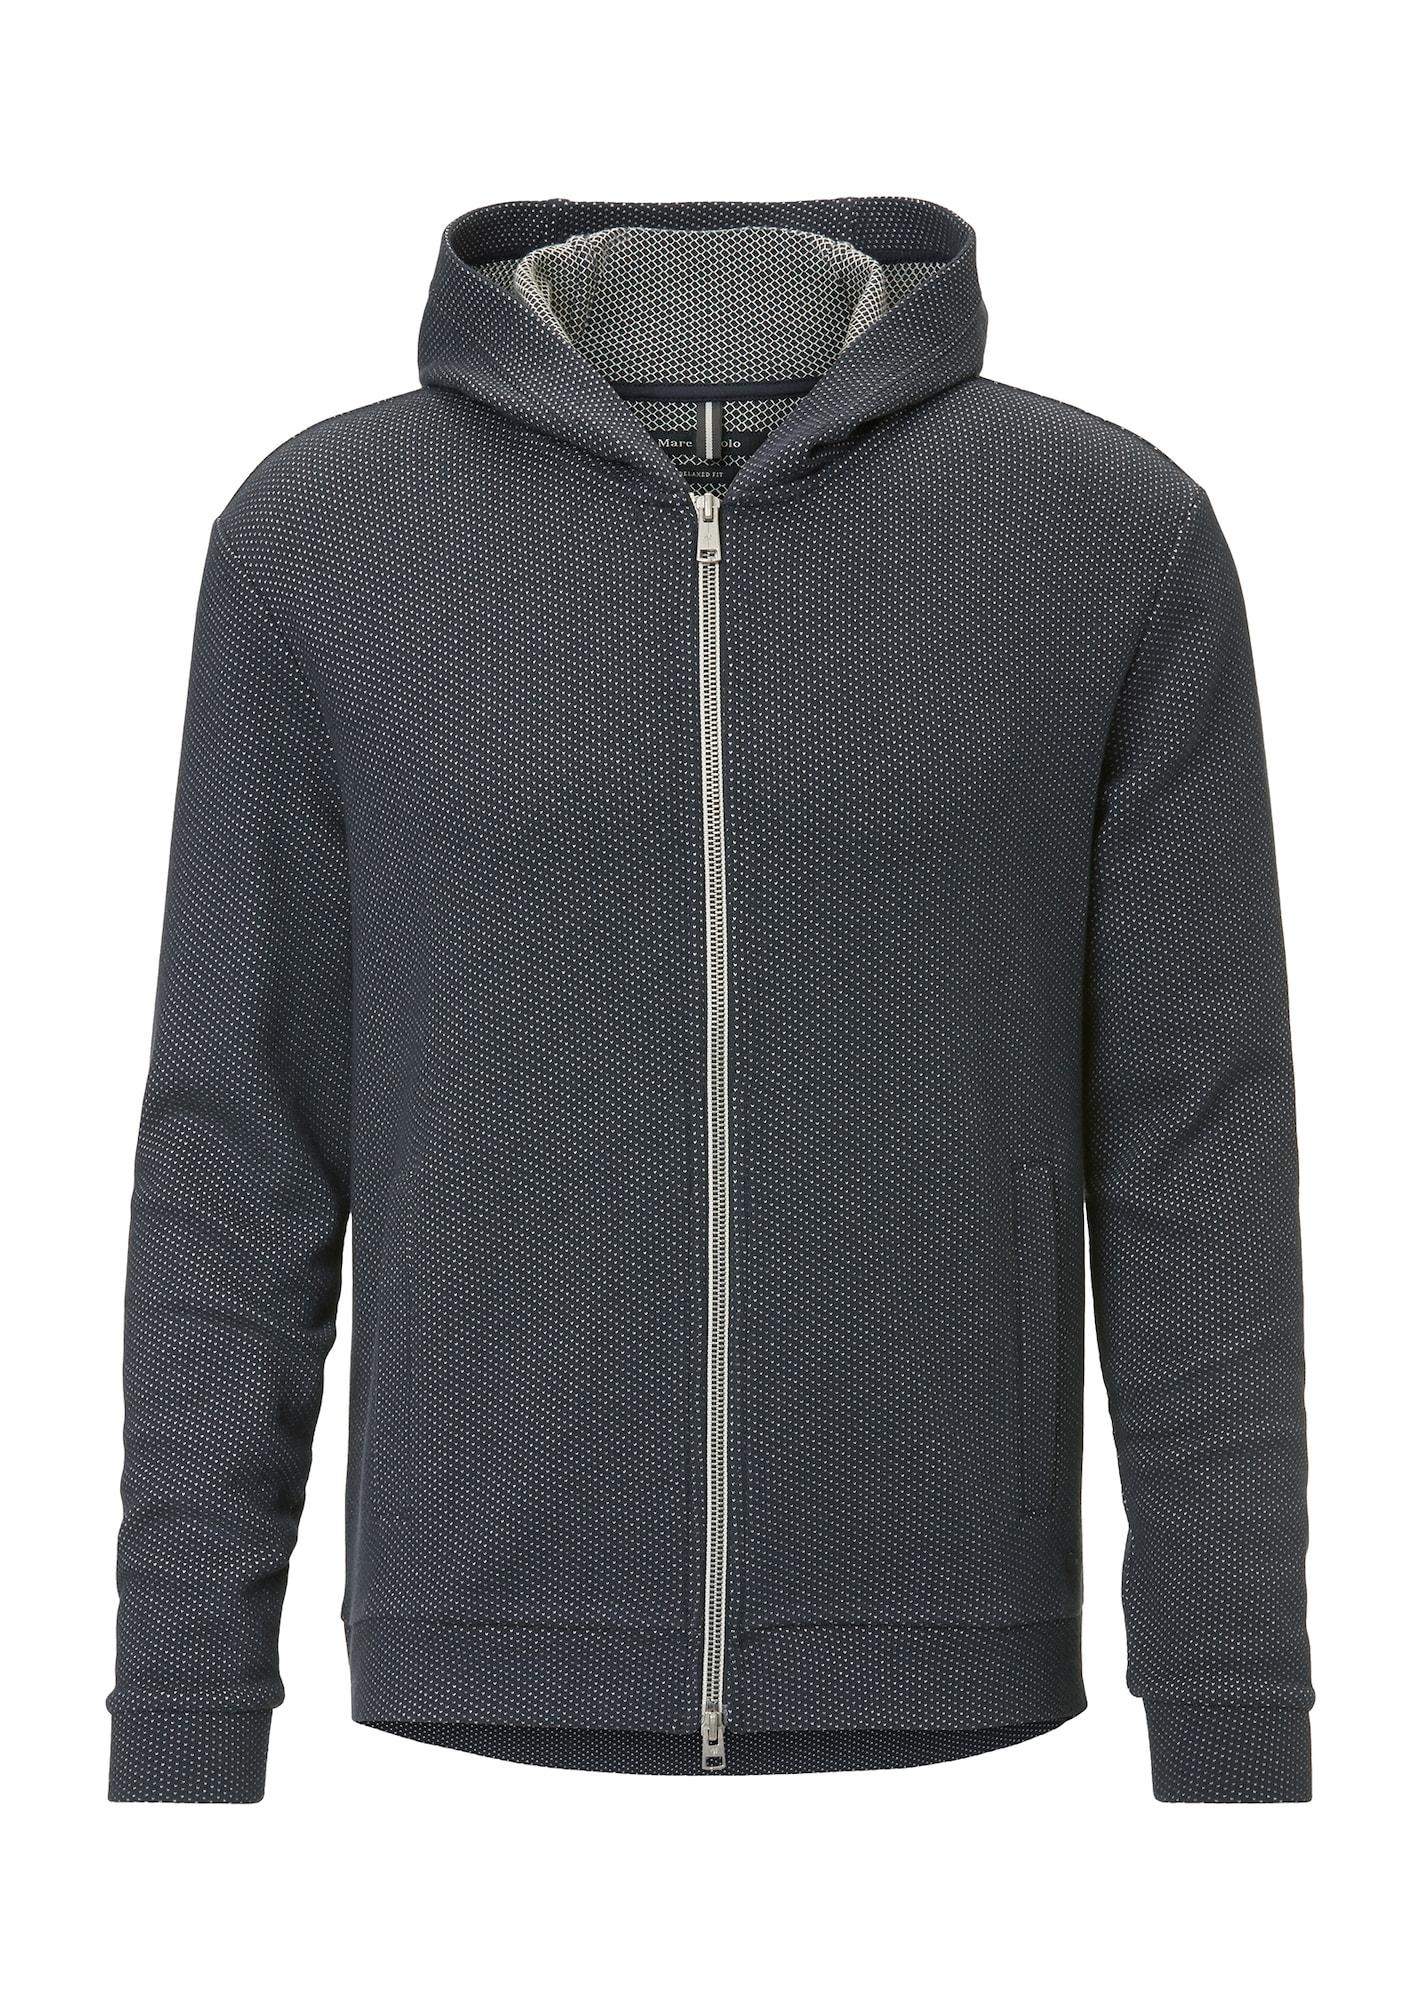 Sweatjacke | Bekleidung > Sweatshirts & -jacken > Sweatjacken | Schwarz - Weiß | Marc O'Polo